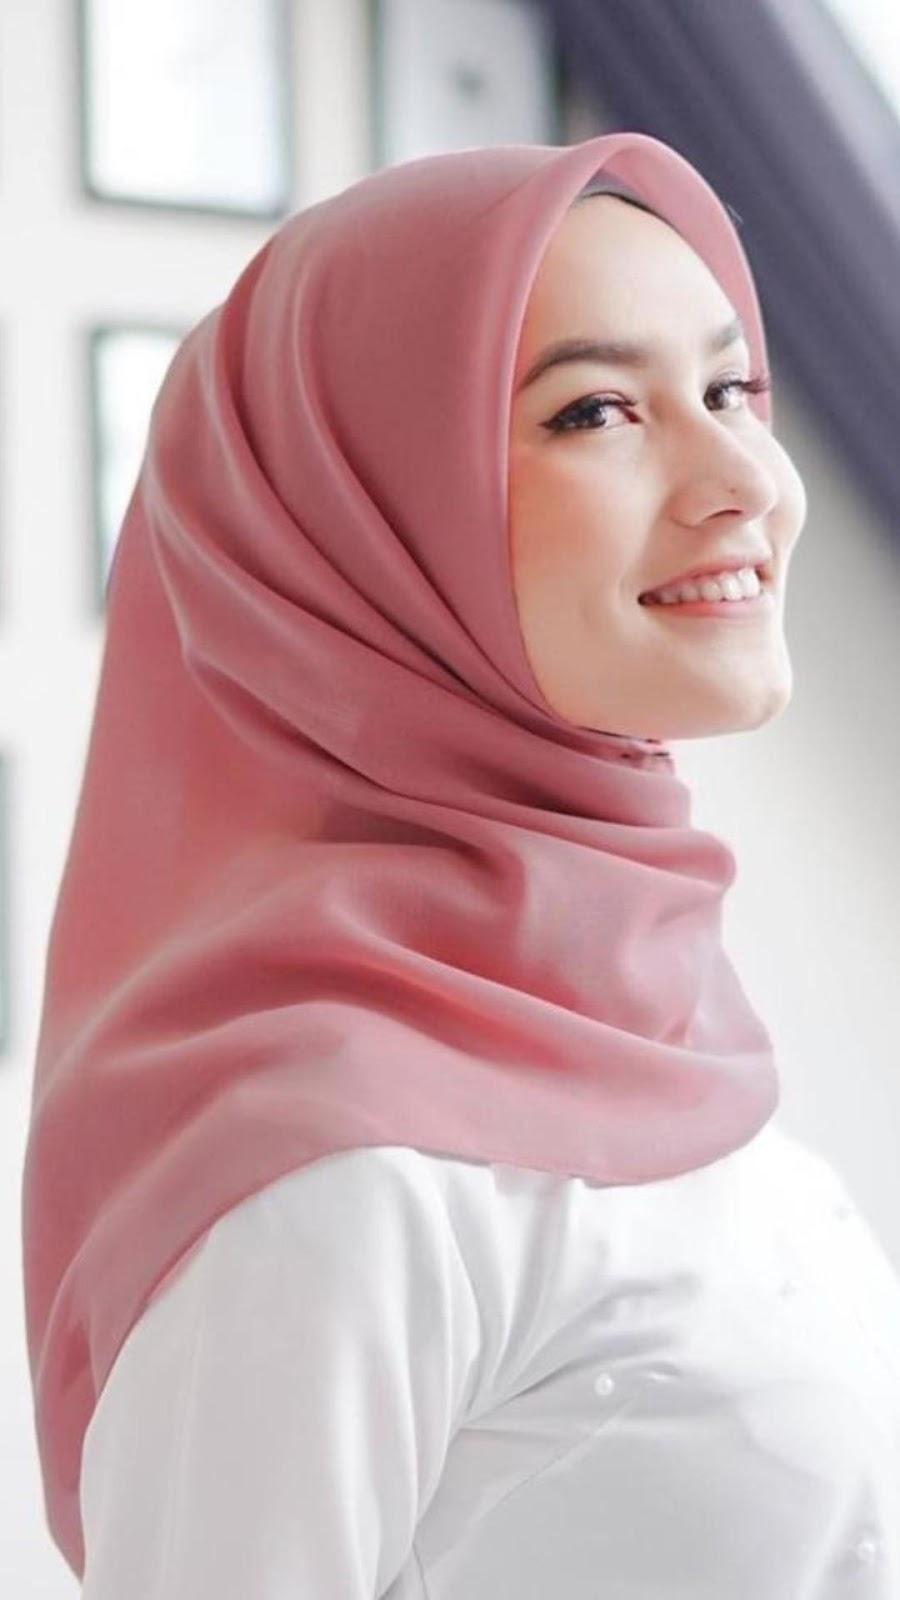 Mahasiswi Cewek Jilbab Selfie pink manis cute abis